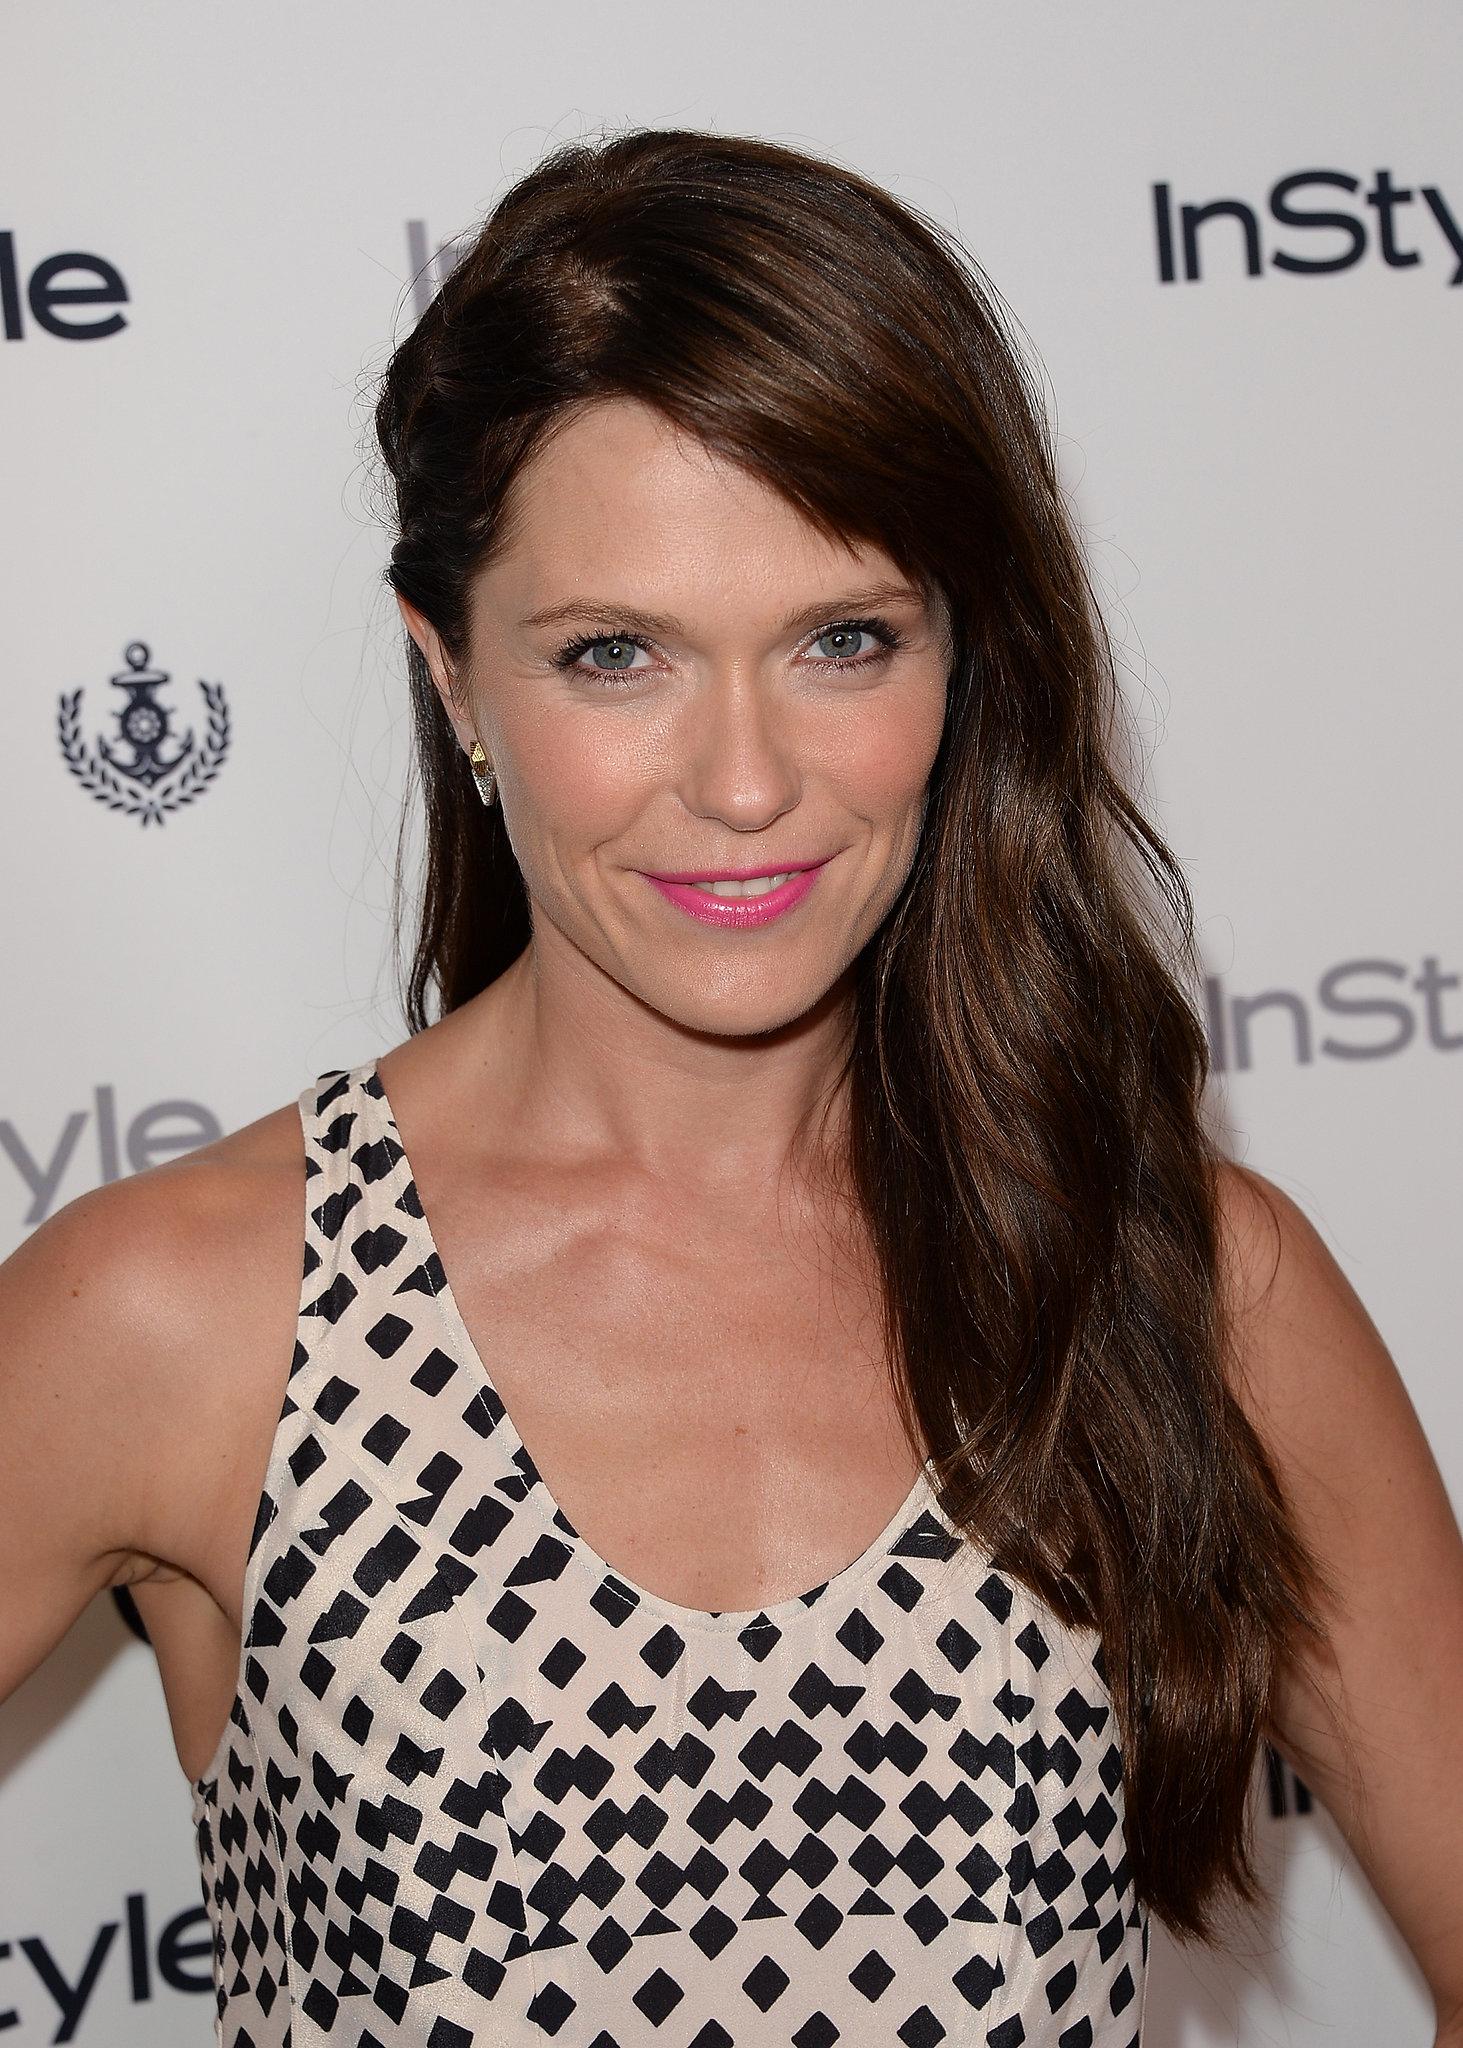 Natalie Casey (born 1980),Vijeta Pandit Hot photos Zena Keefe,Patricia Kalember